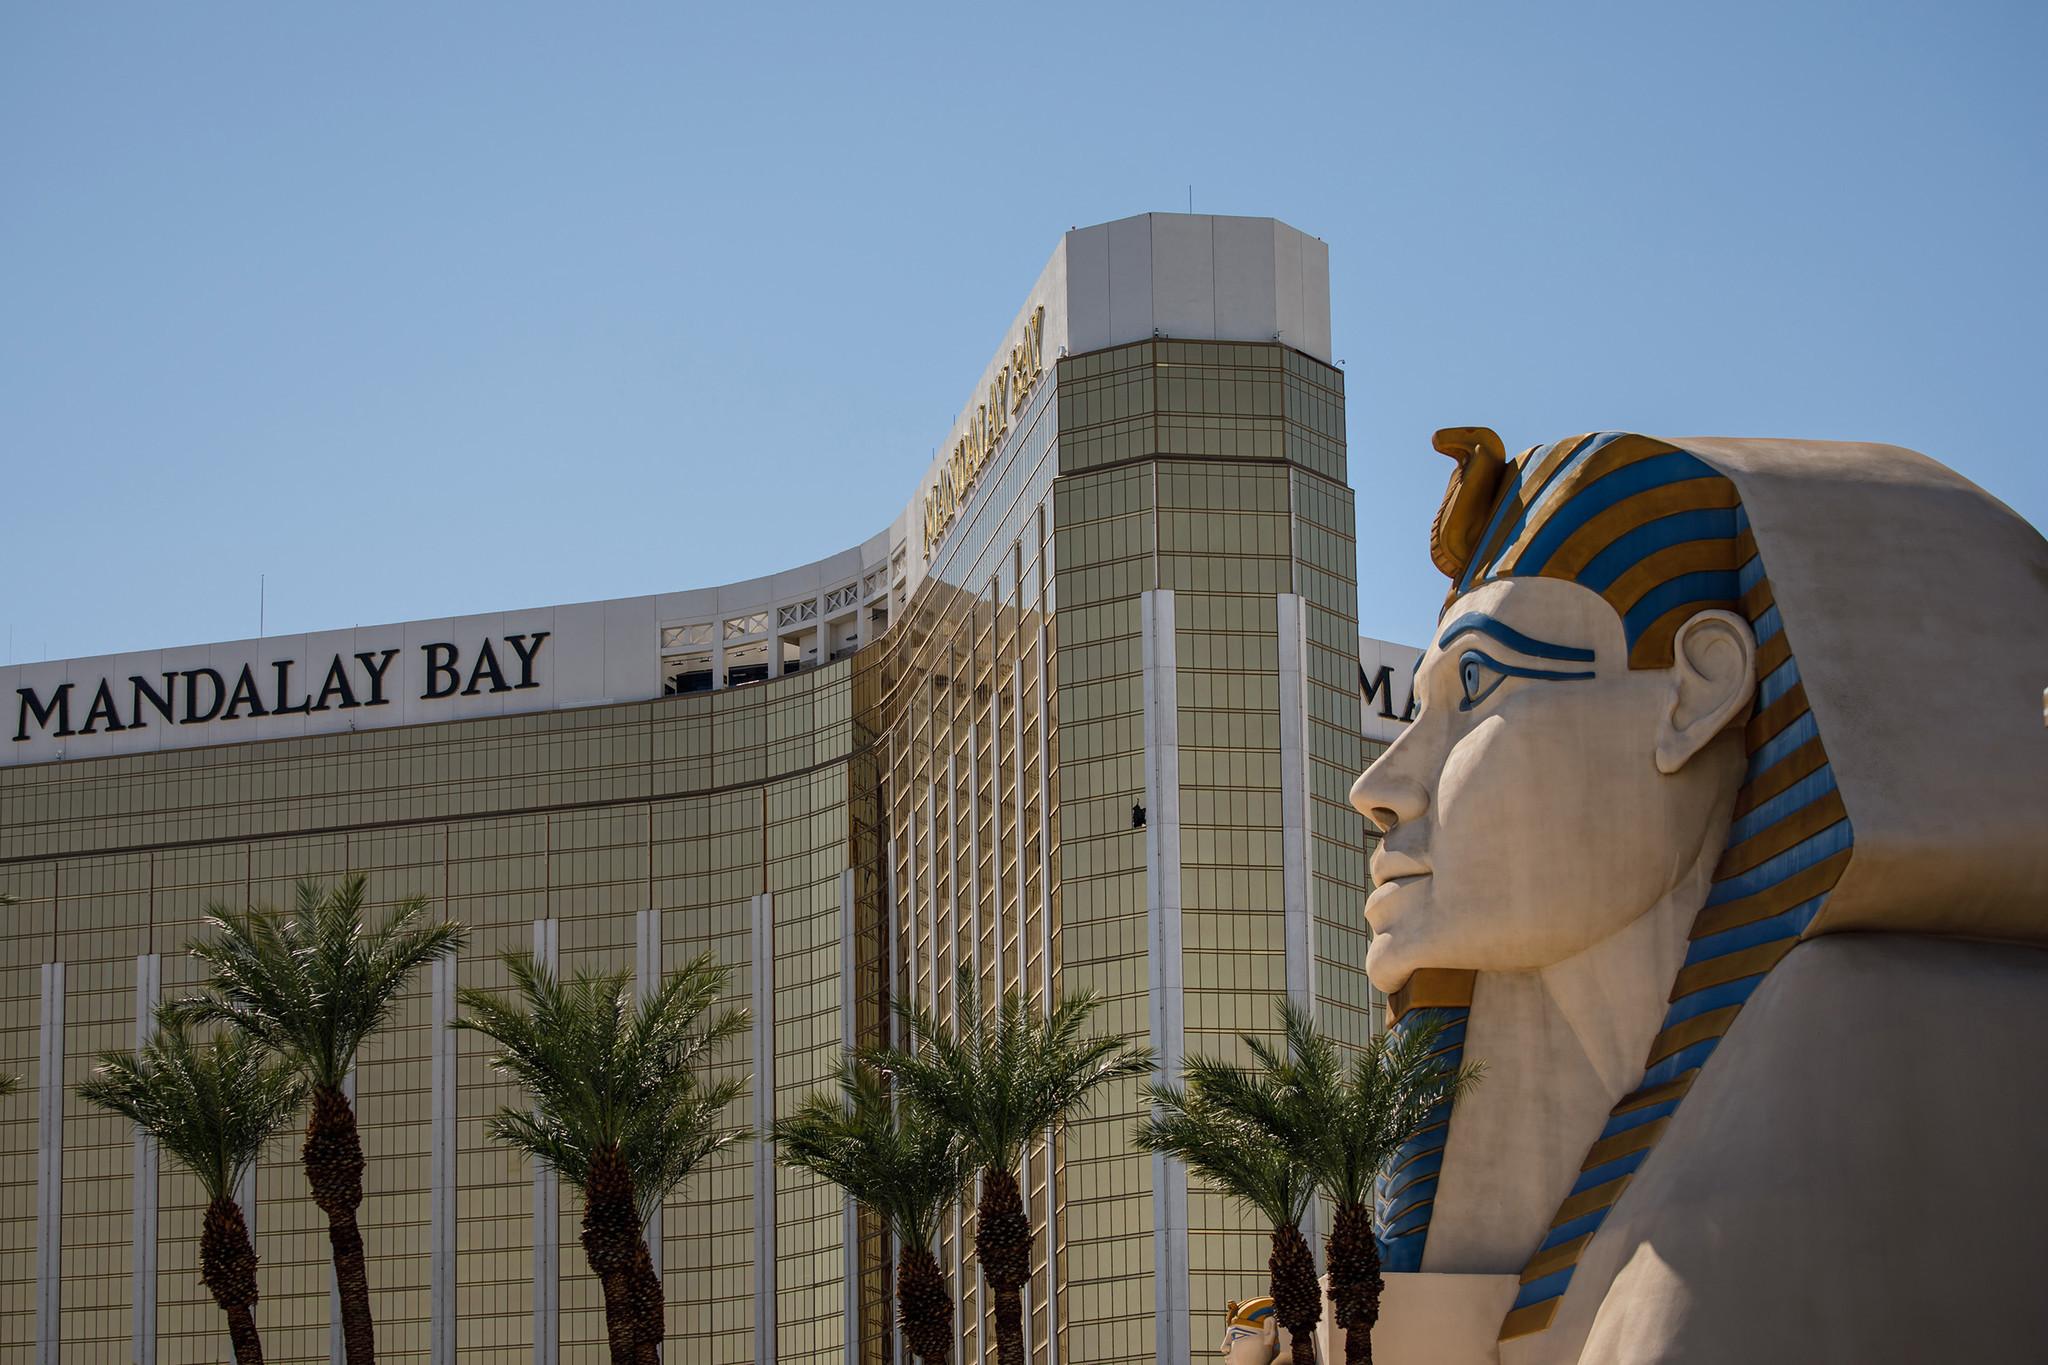 After Vegas, should hotels have metal detectors? - Chicago Tribune